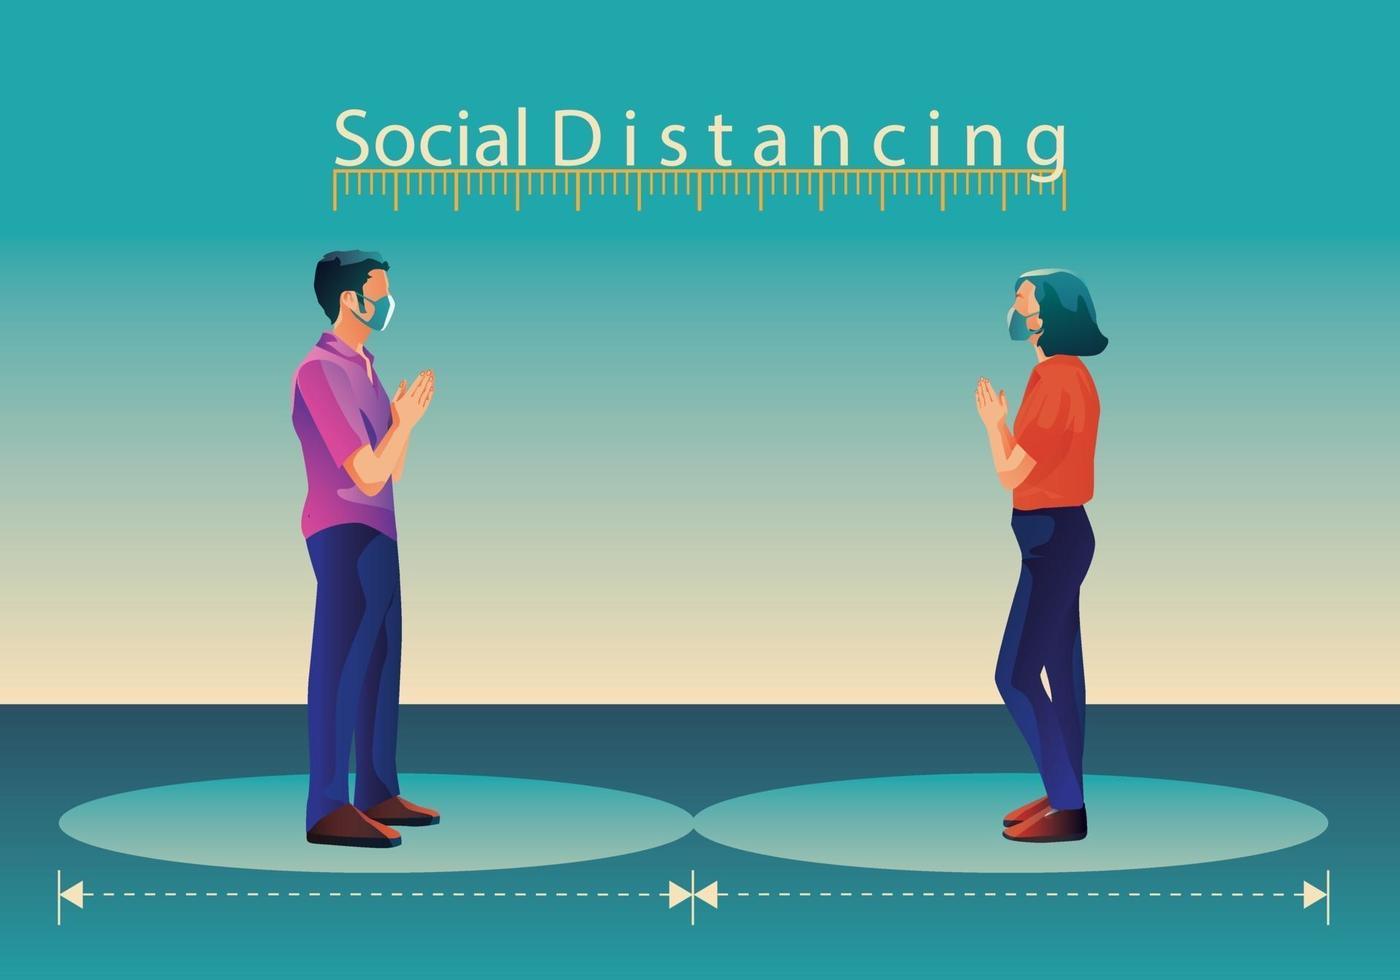 Soziale Distanzierung, Menschen halten Abstand und vermeiden körperlichen Kontakt, Händedruck oder Handberührung, um sich vor dem Konzept der Verbreitung von Covid-19-Coronaviren zu schützen vektor